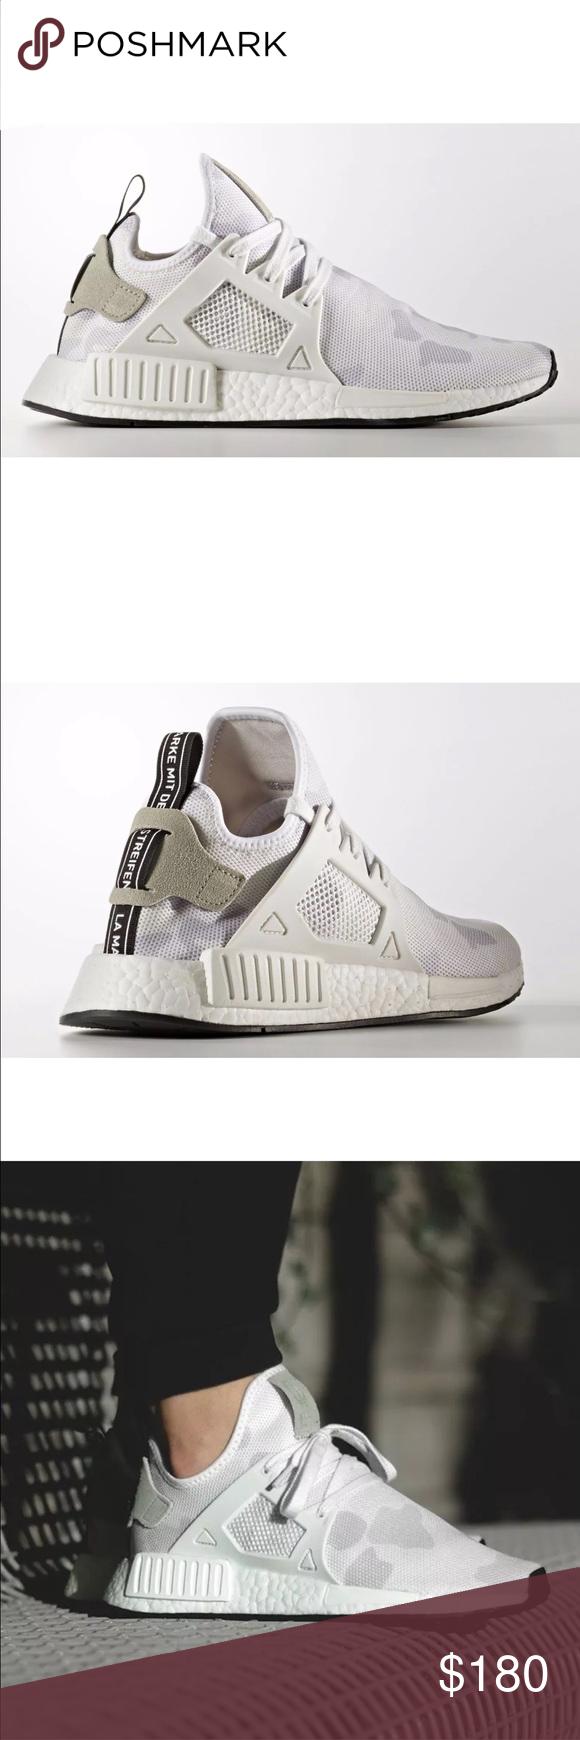 adidas nmd rx1 white mimetica nuova di zecca con scatola!le scarpe da ginnastica adidas